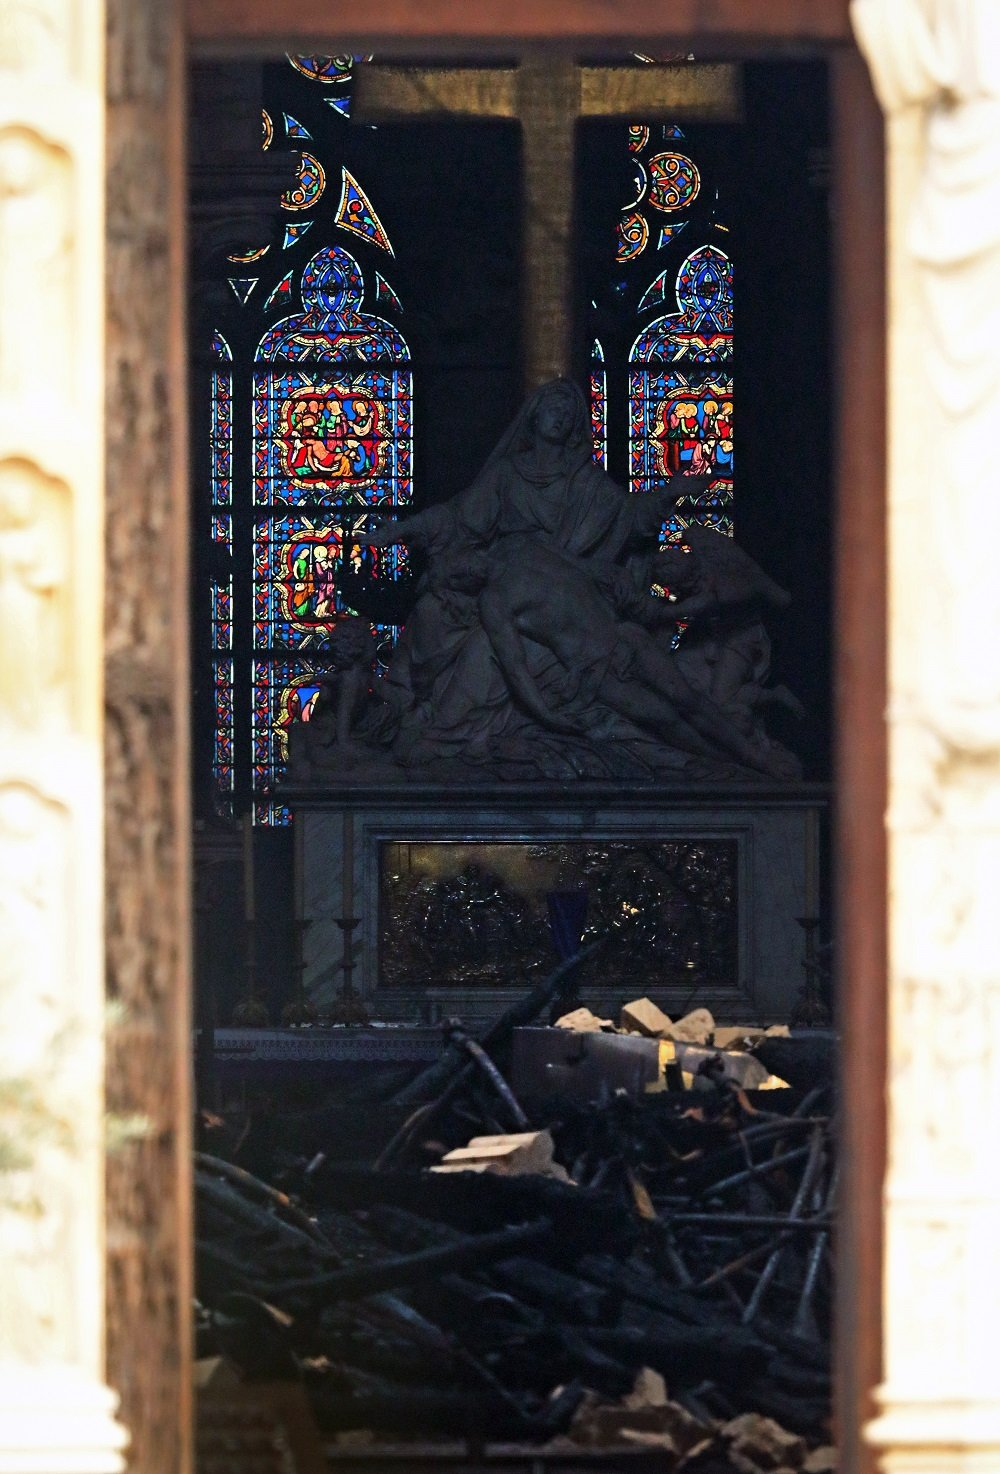 Cómo quedó la catedral de Notre-Dame tras extinguirse el incendio del 15 de abril de 2019 en París, Francia.   Imagen: Getty Images.